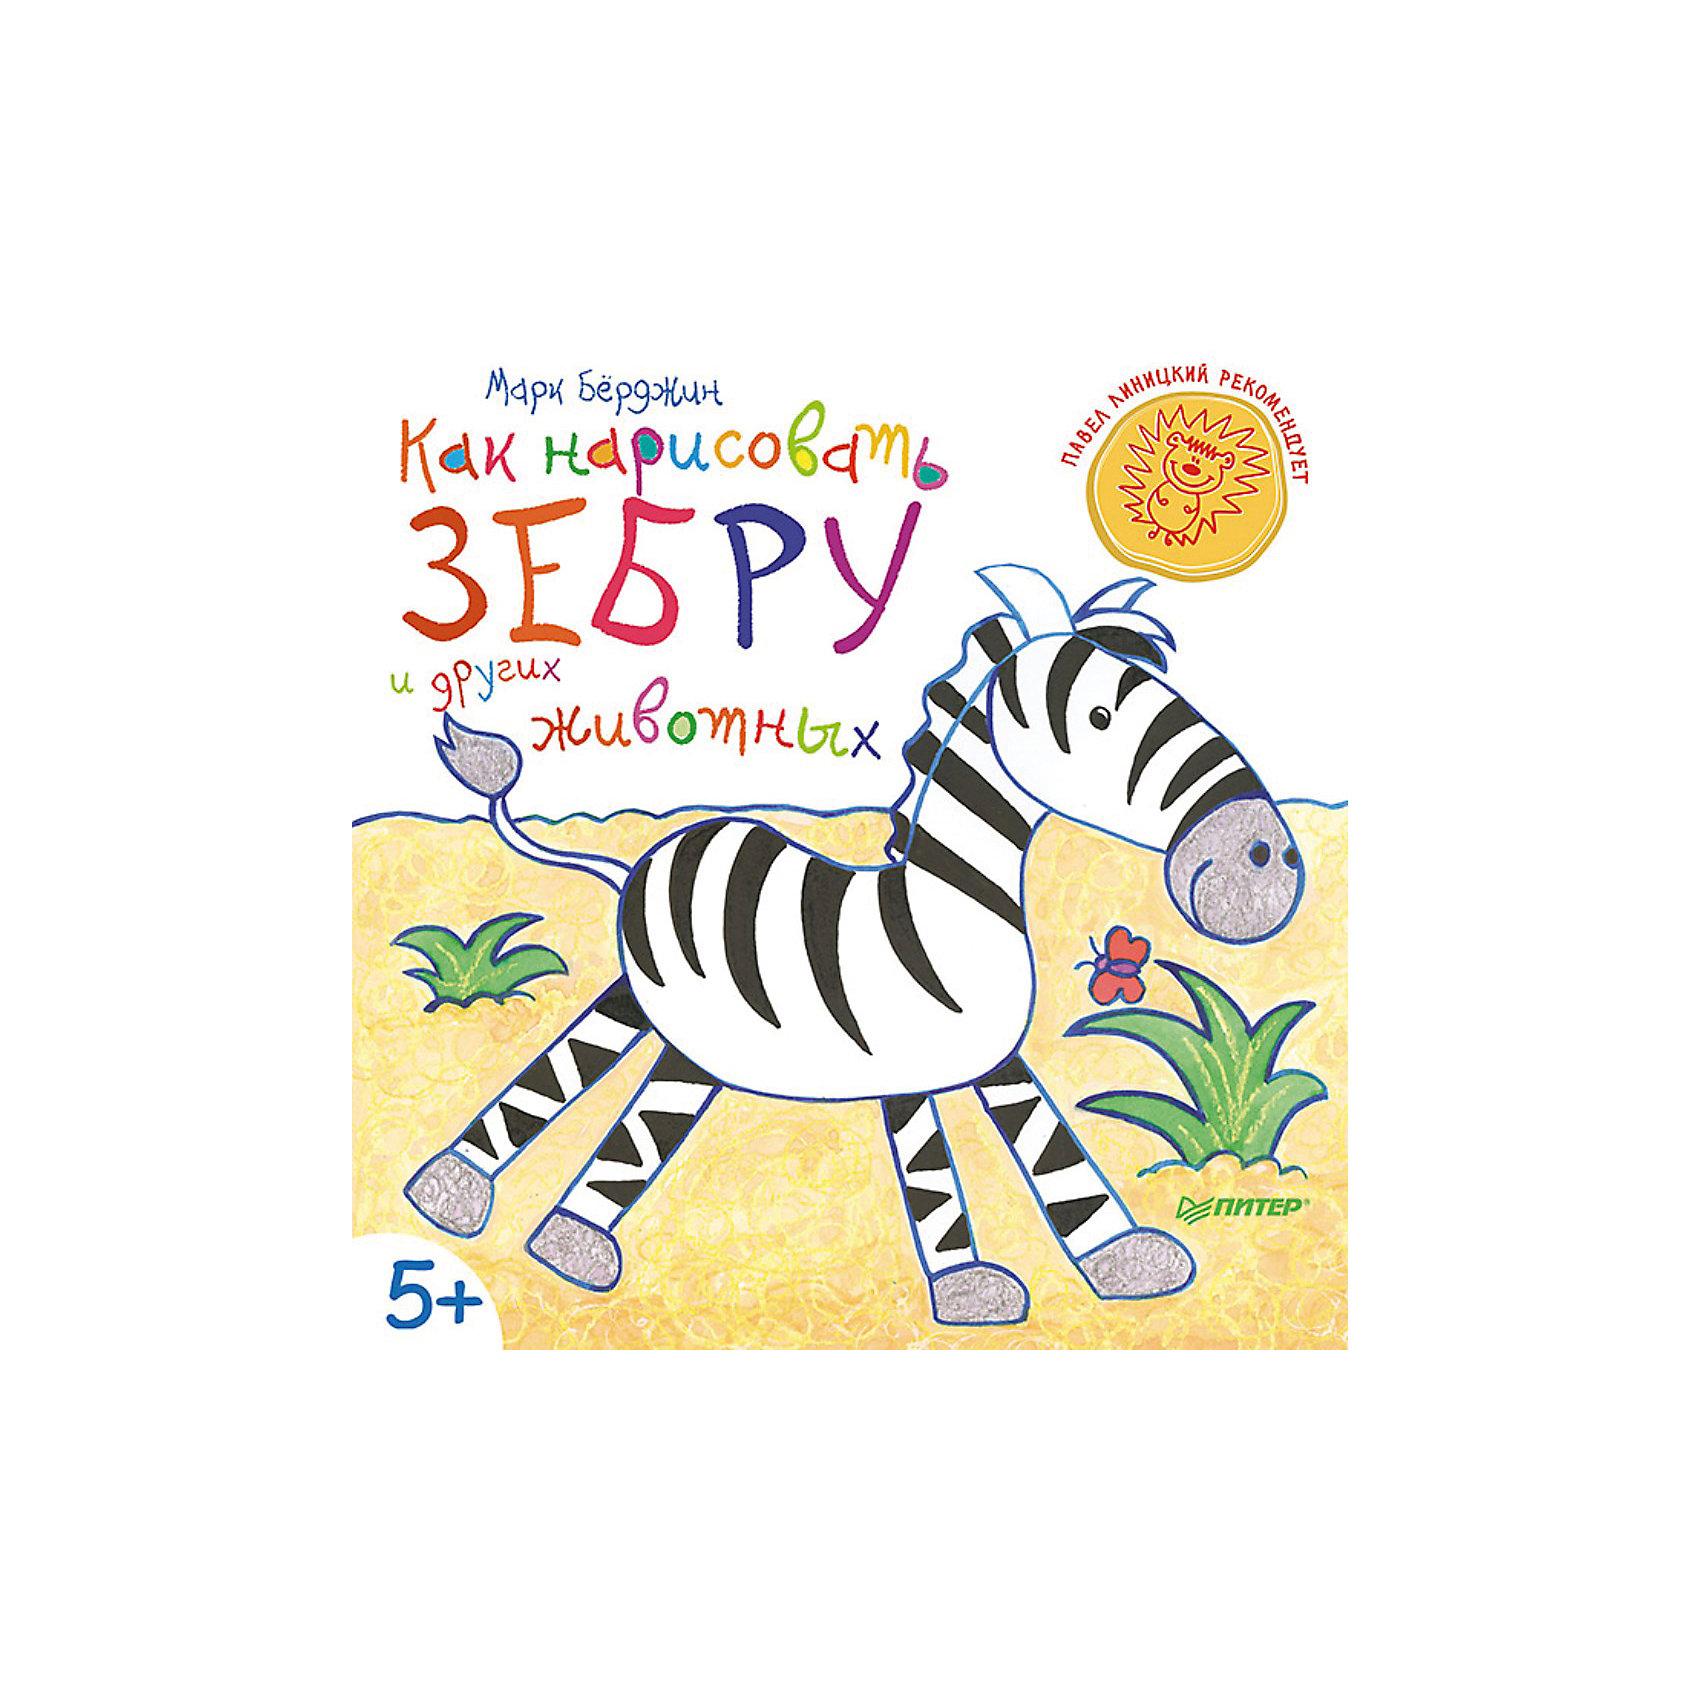 Как нарисовать зебру и других животныхРаскраски по номерам<br>Характеристики книги Как нарисовать зебру и других животных: <br><br>• ориг.название: Its Fun to Draw Safari Animals<br>• формат издания: 22 х29 см (большой формат)<br>• количество страниц: 48<br>• год выпуска: 2015<br>• издательство: Питер<br>• серия: Вы и Ваш ребенок<br>• переплет: мягкая обложка<br>• цветные иллюстрации: да<br>• язык издания: русский<br>• возраст: от 5 лет <br>• тип издания: отдельное издание<br>• вес в упаковке: 130 г<br><br>Хотите научиться рисовать зебру, страуса и даже антилопу-гну и бабуина? (Кстати, Вы знали, что взрослый бабуин может победить леопарда?) Открывайте книжку, читайте простые пошаговые инструкции и рисуйте на радость себе и детям! Заодно расскажите малышам, что крокодил не умеет высовывать язык, а бегемот хоть и проводит весь день в воде, но почти не плавает. Забавные истории из жизни животных сафари сделают совместное рисование с детьми незабываемым. В конце книги вы найдёте блокнотик для закрепления результатов и новых экспериментов.<br><br>Об авторе:<br><br>Марк Бёрджин — английский художник, автор более 20 книг. Иллюстрации Марка были удостоены особых наград. Бёрджин оформил множество книг и плакатов, рисовал для мультфильмов и рекламных роликов. Сегодня он живёт на юге Англии с женой и тремя детьми.<br><br>Книгу Как нарисовать зебру и других животных издательства Питер  можно купить в нашем интернет-магазине.<br><br>Ширина мм: 290<br>Глубина мм: 215<br>Высота мм: 30<br>Вес г: 134<br>Возраст от месяцев: -2147483648<br>Возраст до месяцев: 2147483647<br>Пол: Унисекс<br>Возраст: Детский<br>SKU: 5480507